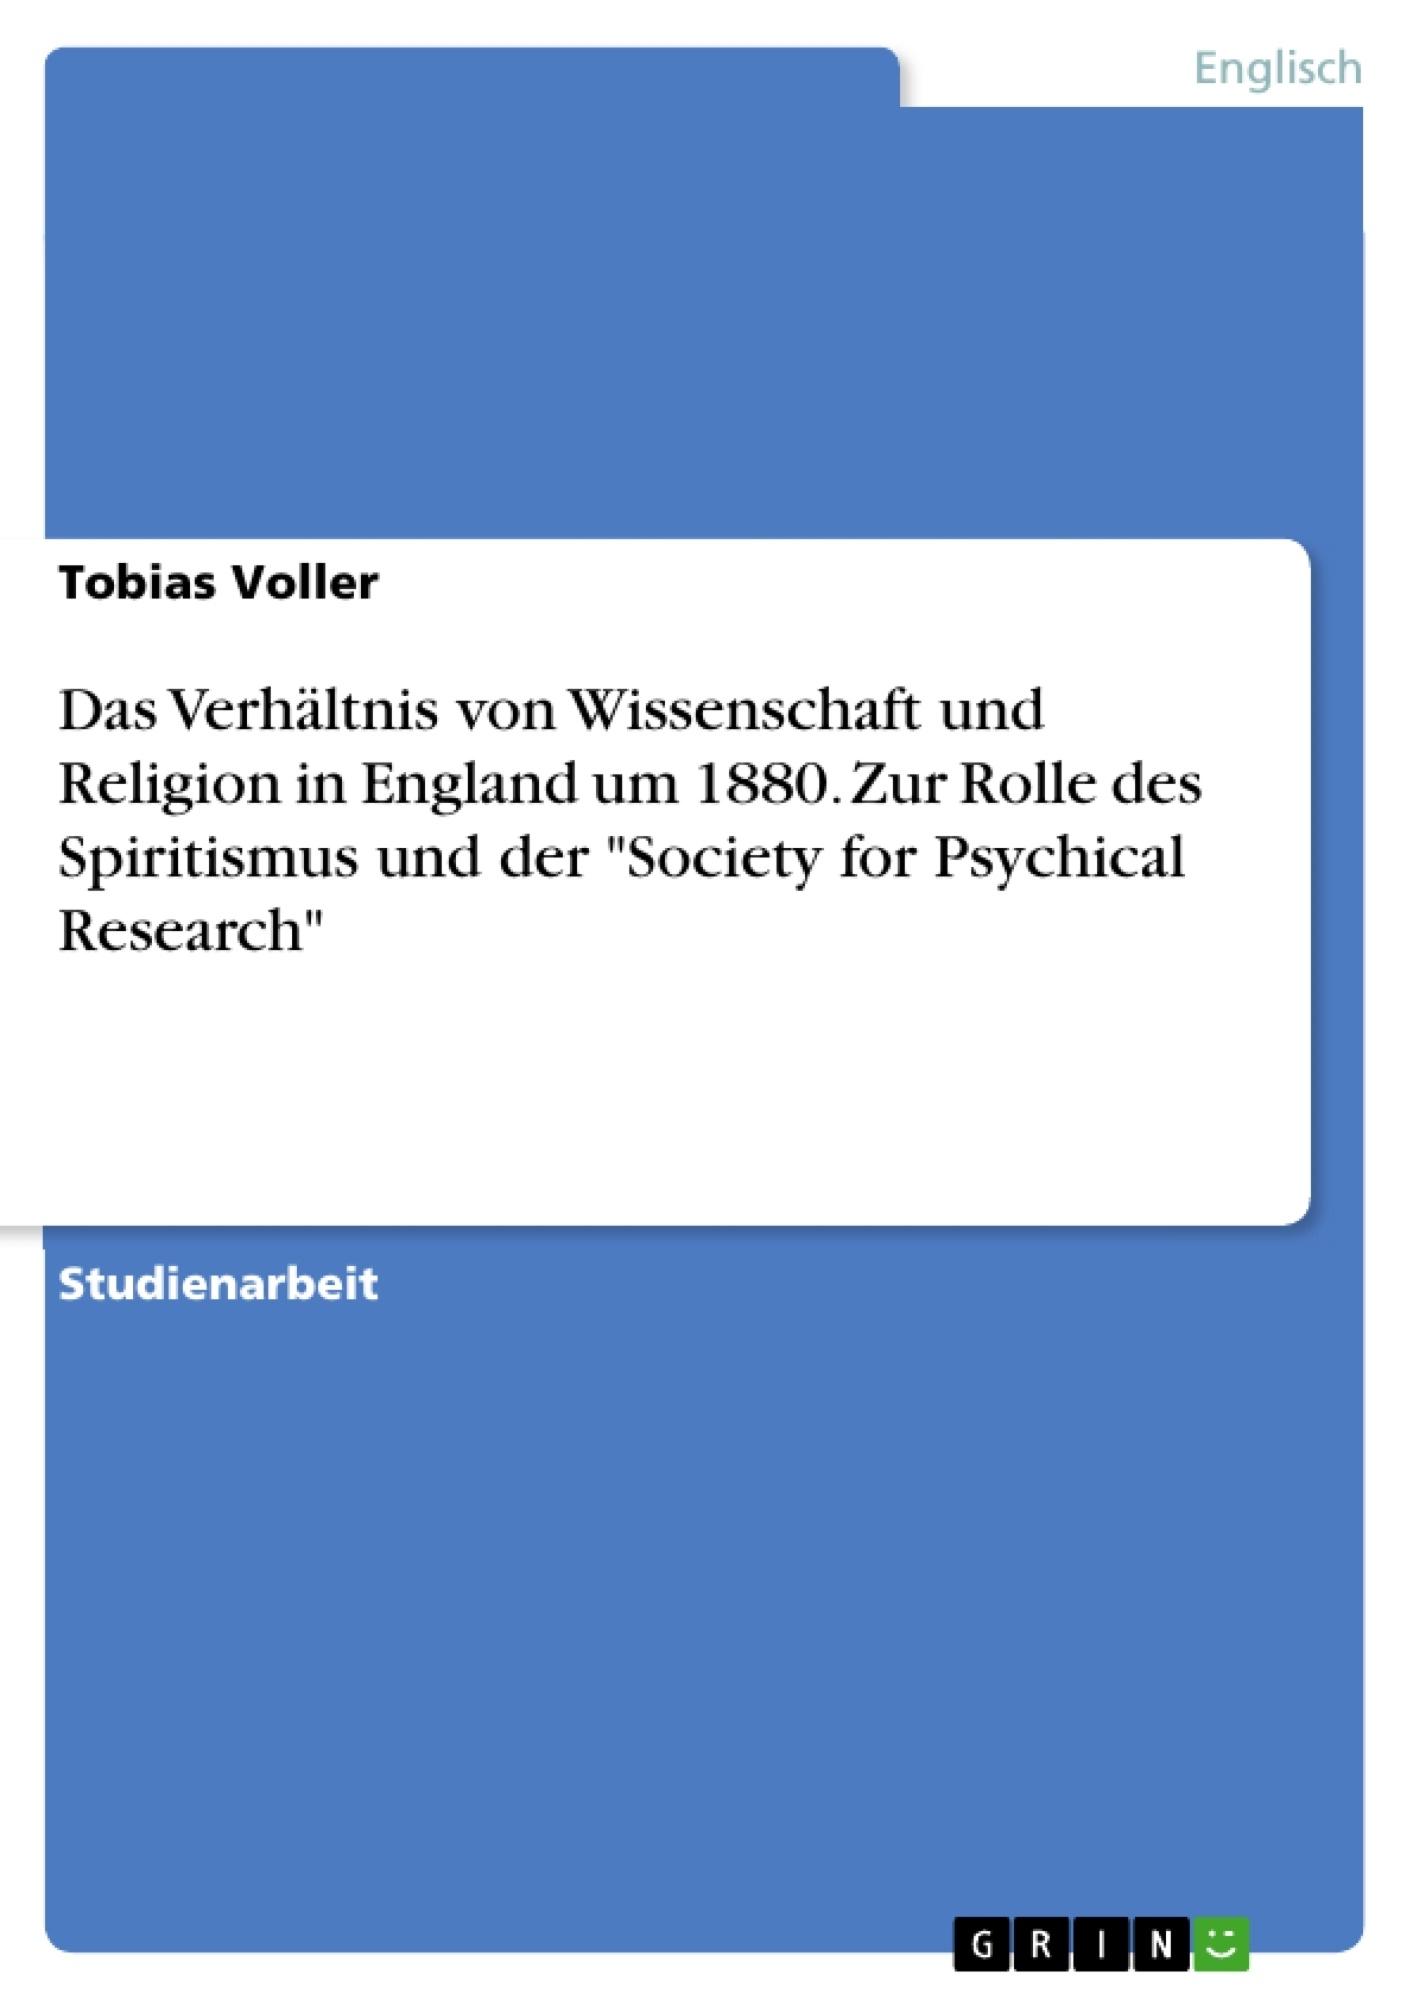 """Titel: Das Verhältnis von Wissenschaft und Religion in England um 1880. Zur Rolle des Spiritismus und der """"Society for Psychical Research"""""""